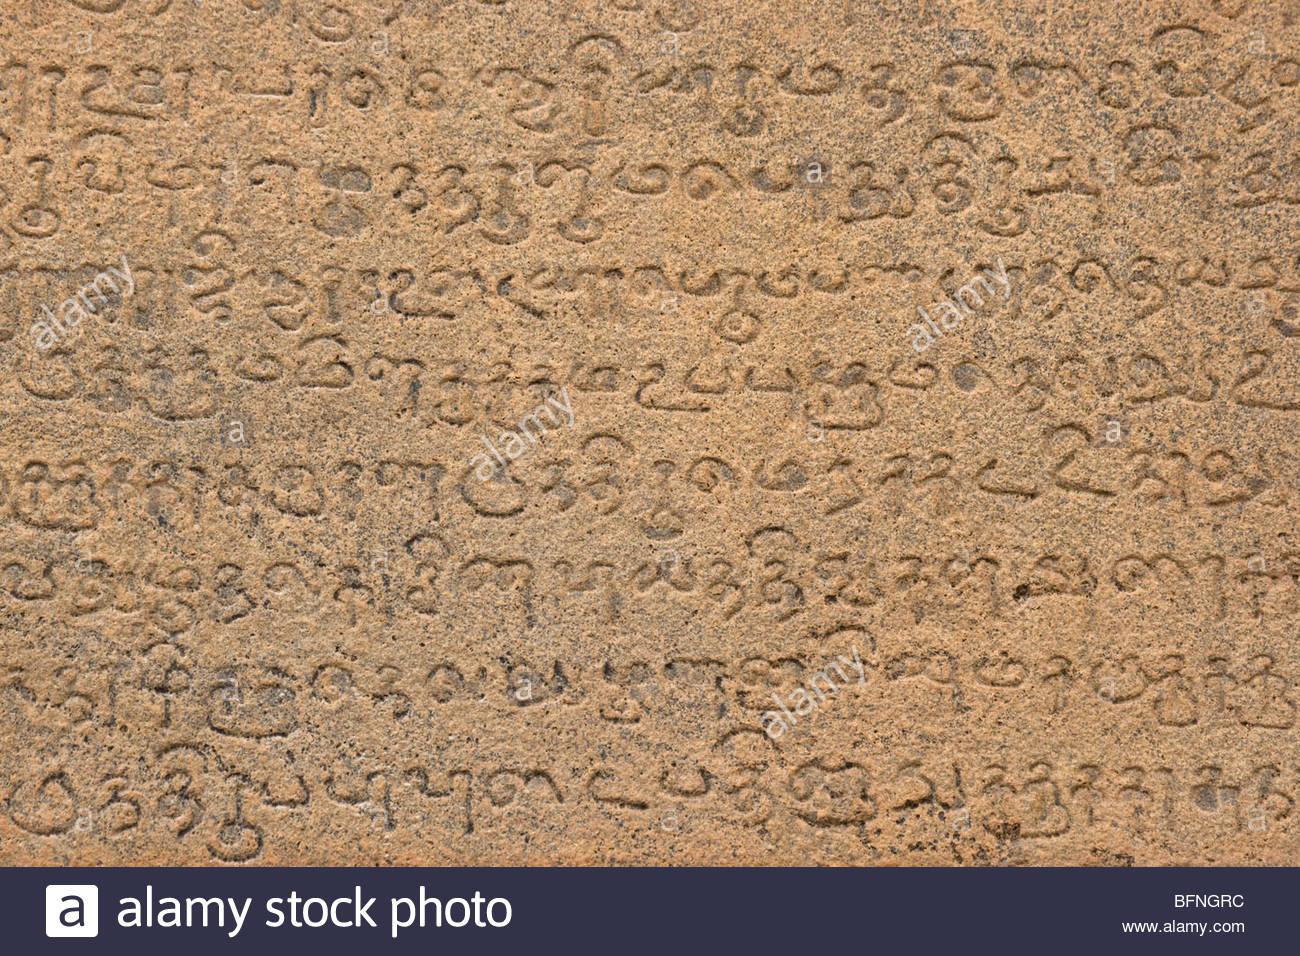 Scritta in sanscrito sulla parete di granito del tempio Brihadeeshwara. Immagini Stock